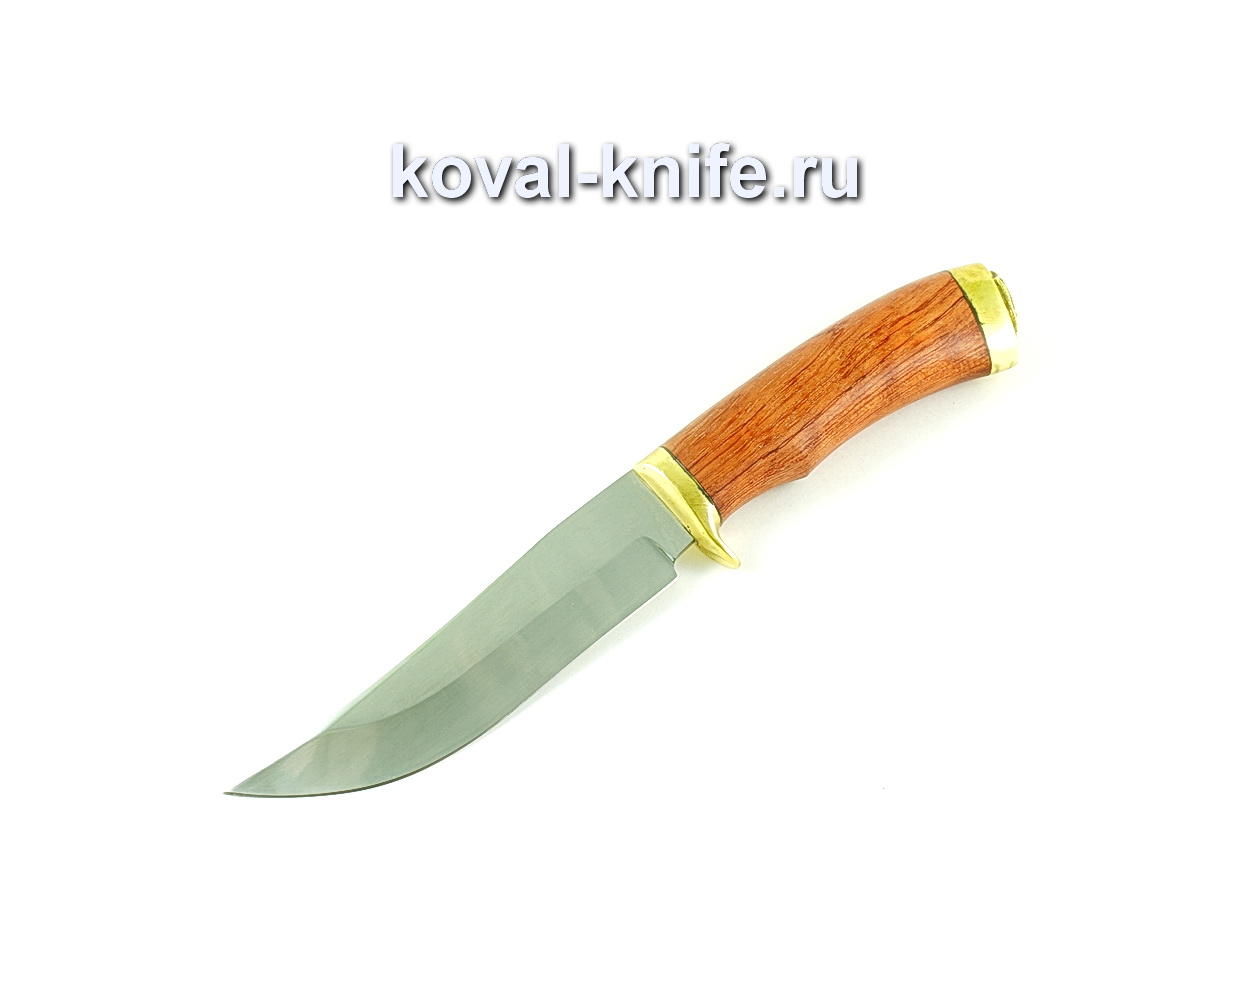 Нож Клыч (сталь 65х13), рукоять бубинга, литье A165